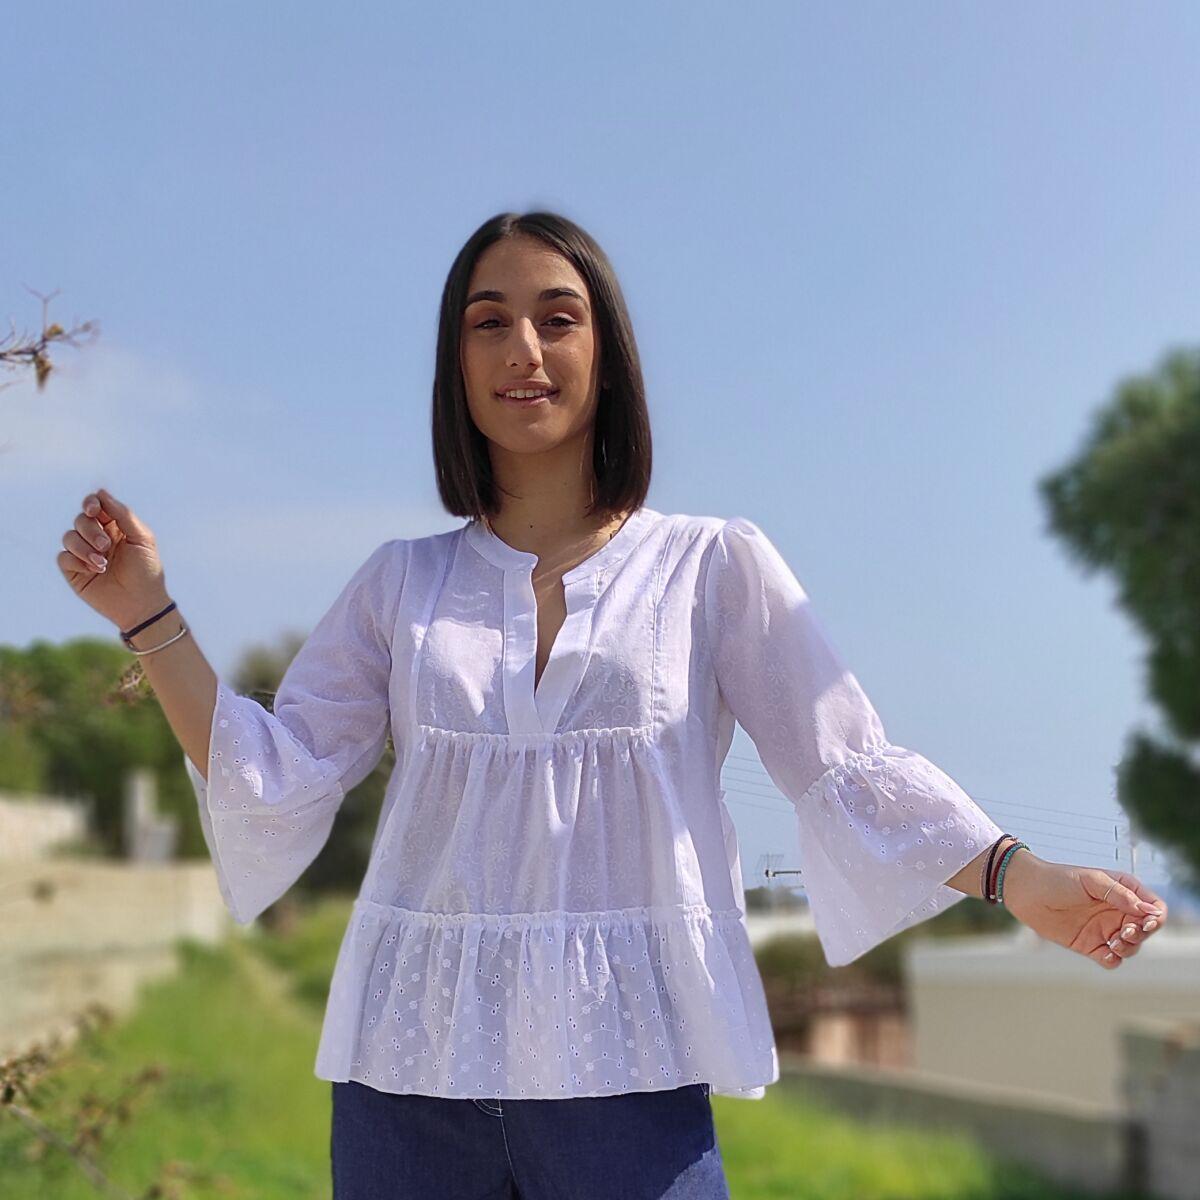 Μπλούζα λευκή κιπούρ Μπλούζες Ρούχα αξεσουάρ